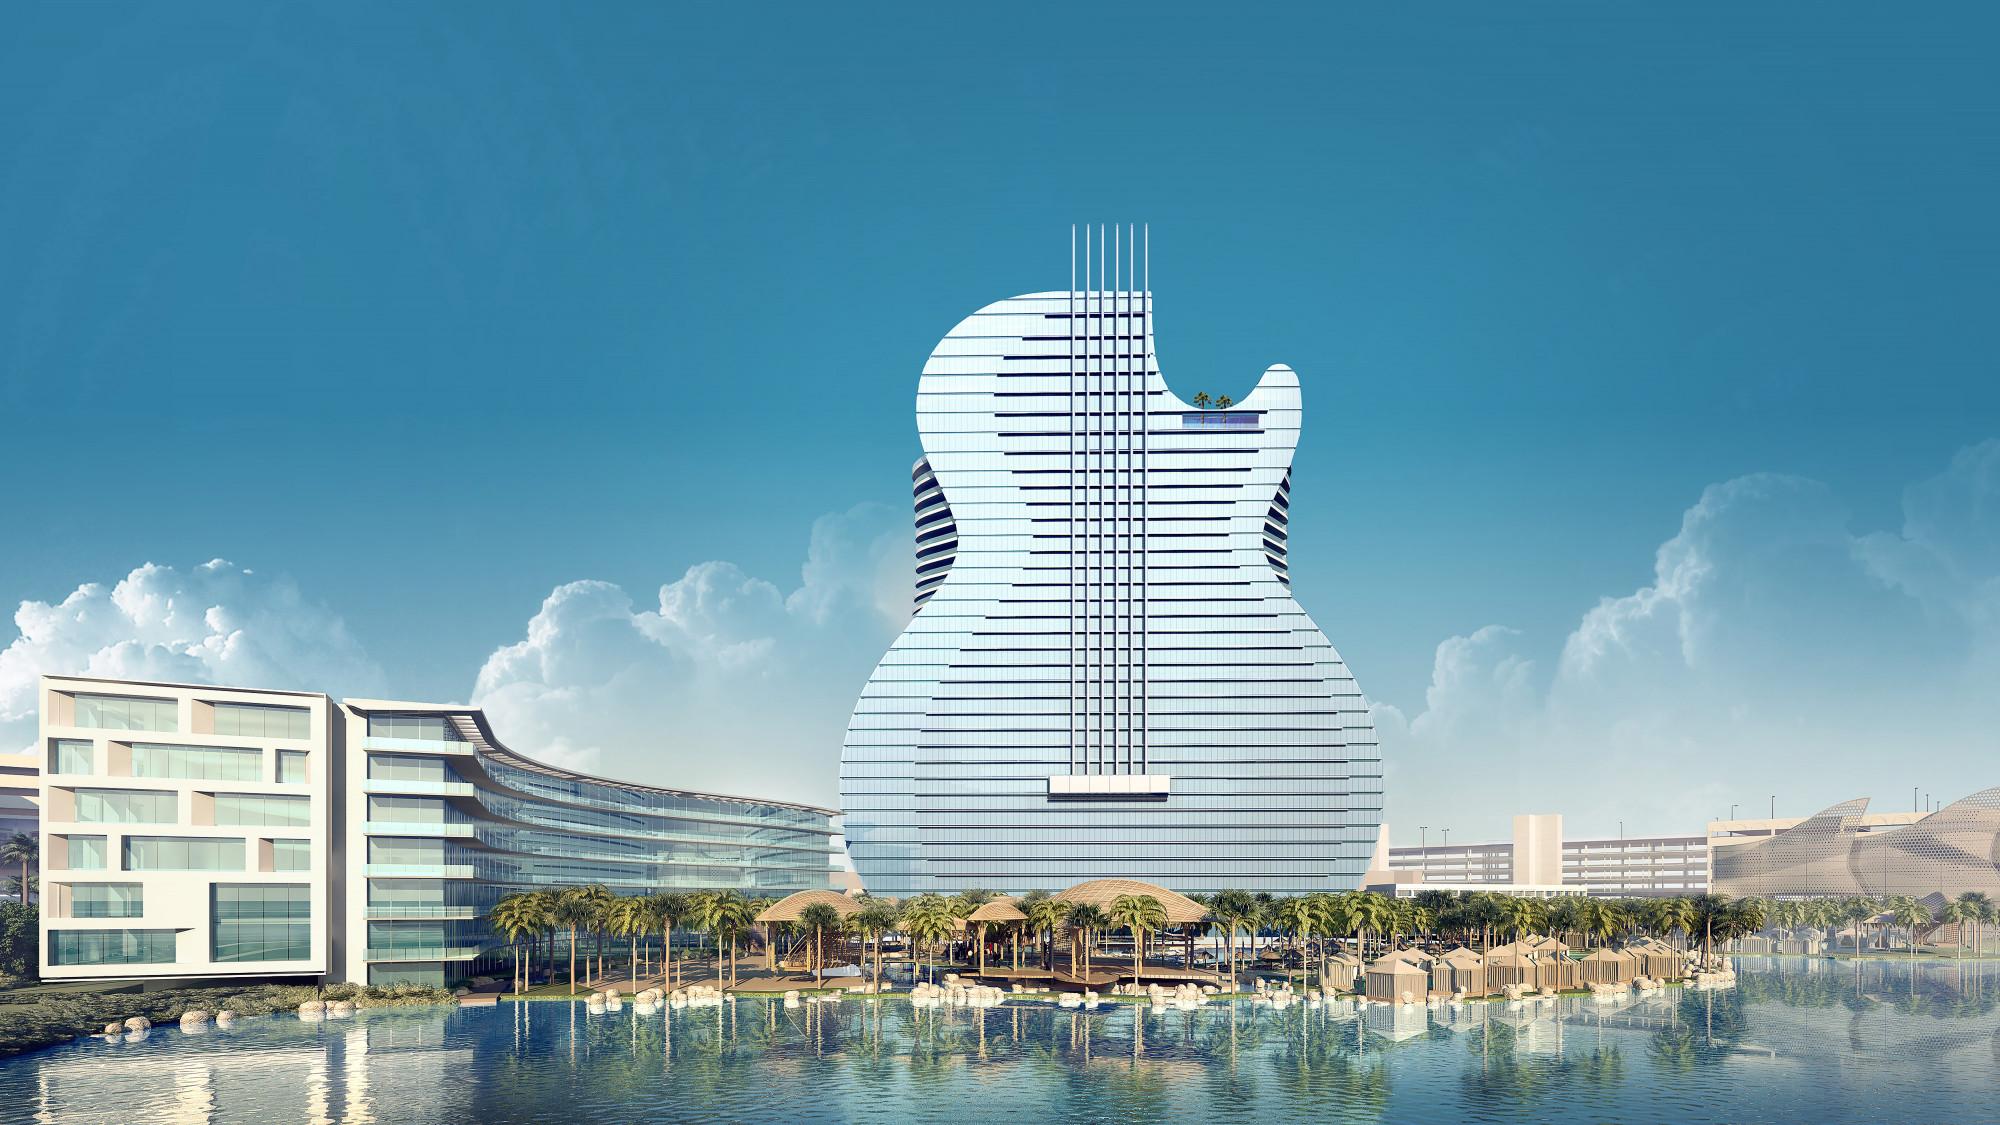 Le projet Hard Rock Casino en Espagne